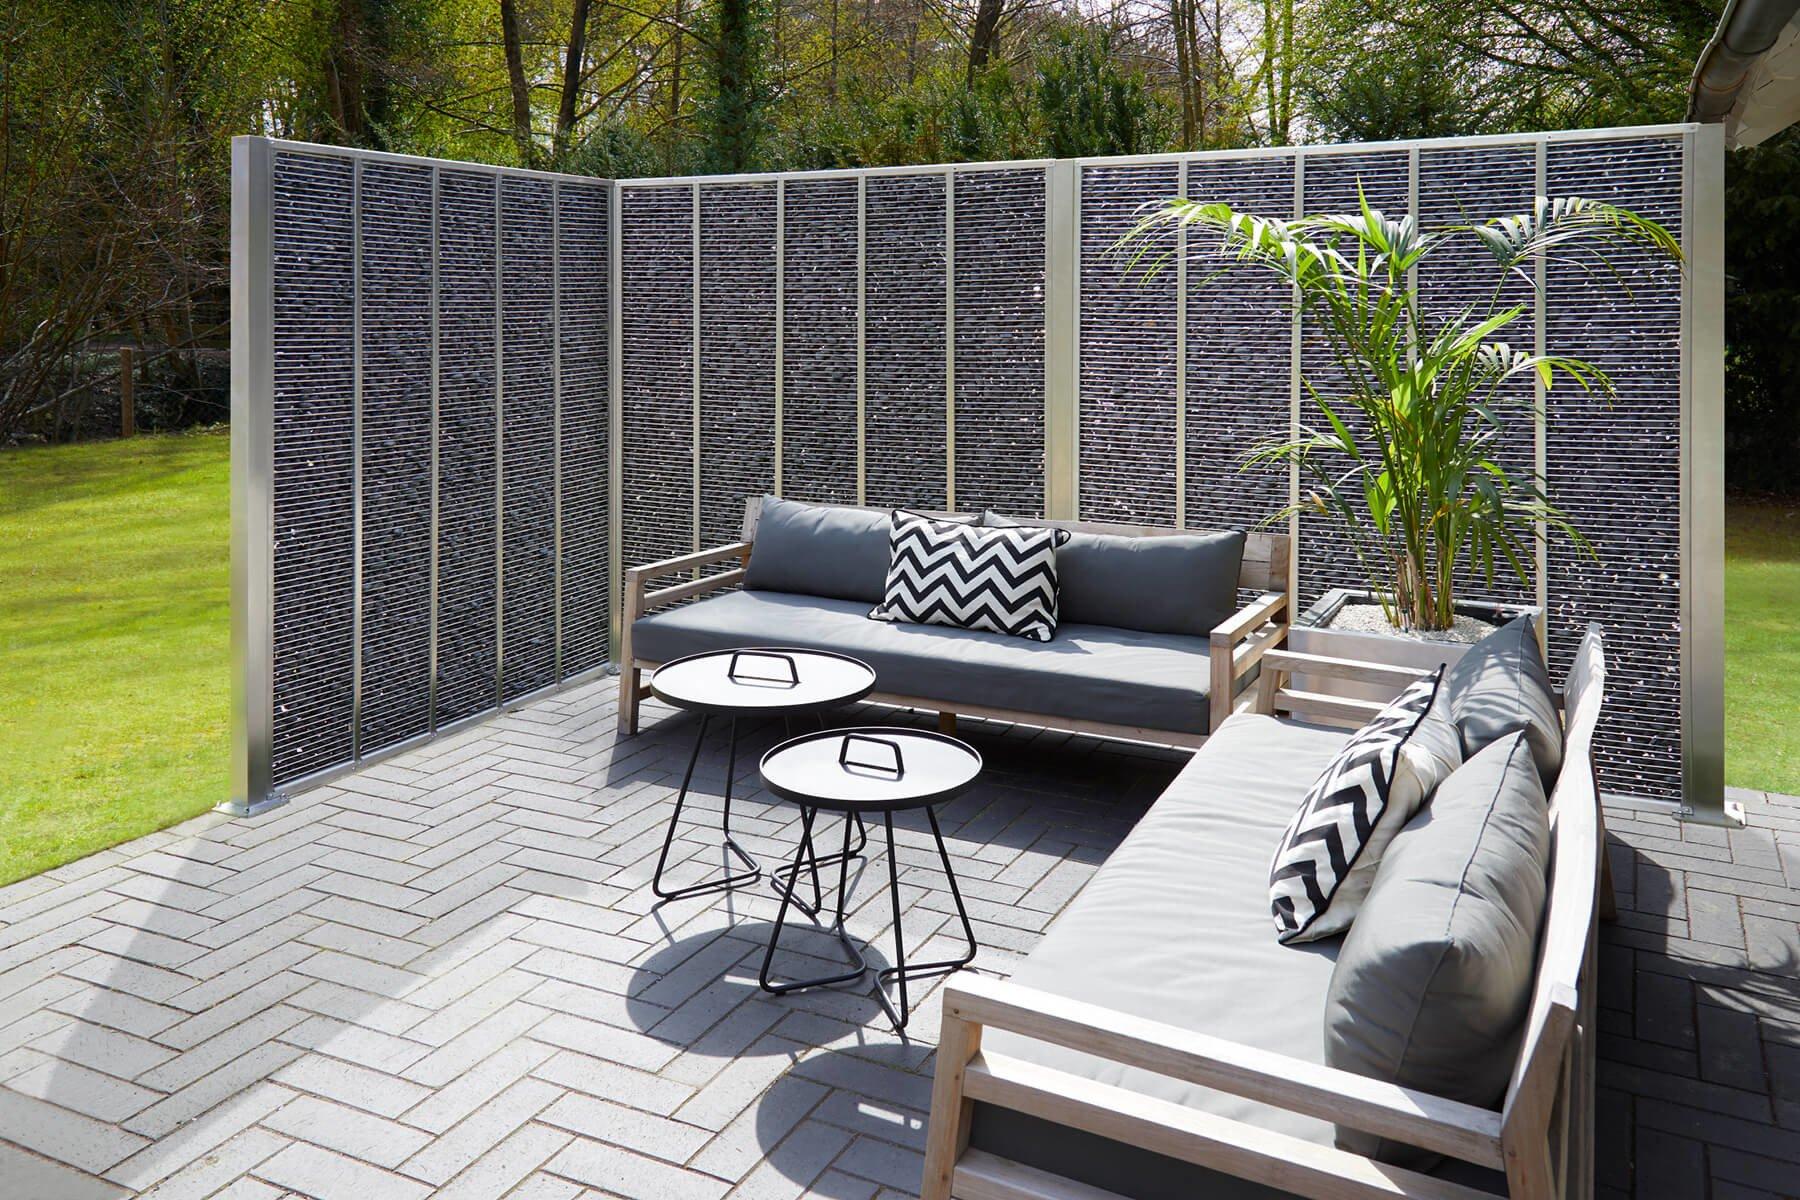 Gabione Gabionenzaun mit Steinen ideal als Windschutz Sichtschutz Lärmschutz und Abgrenzung für ihr Grundstück